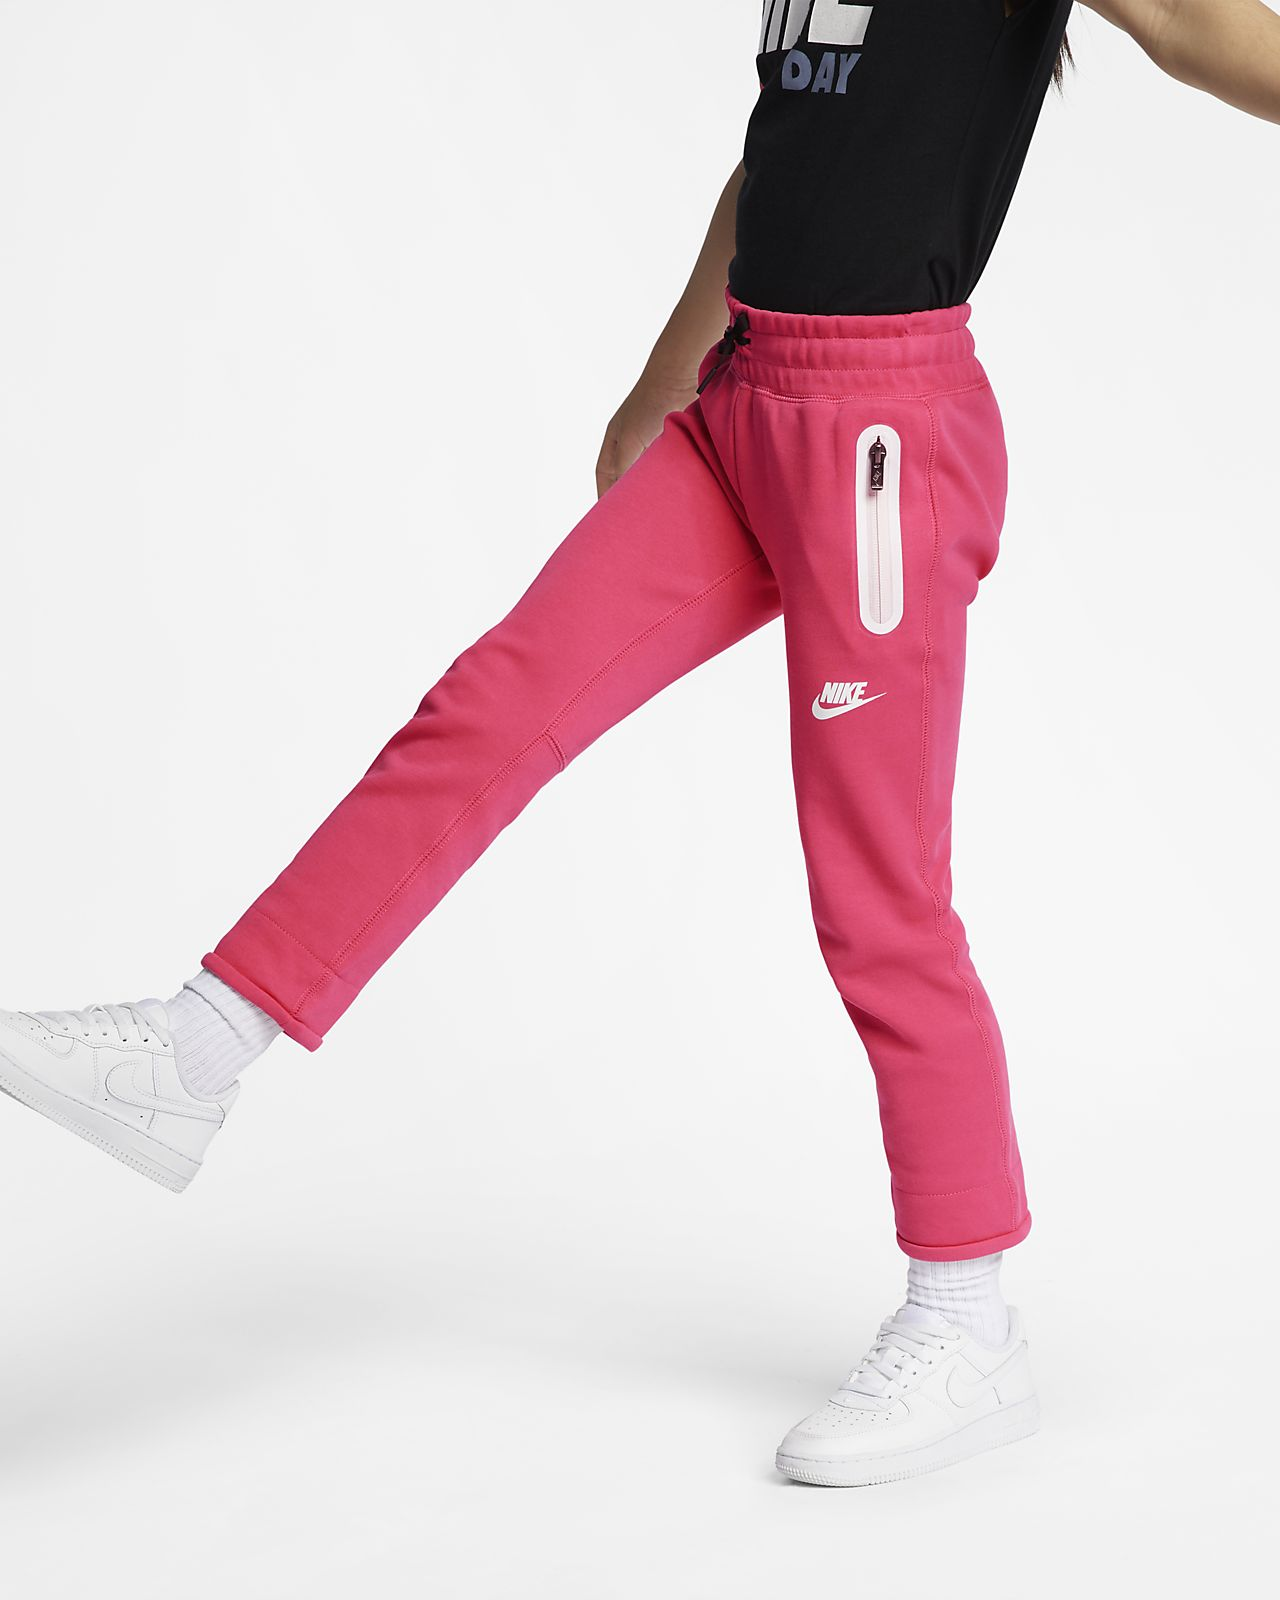 Nike Sportswear Tech Fleece 幼童长裤